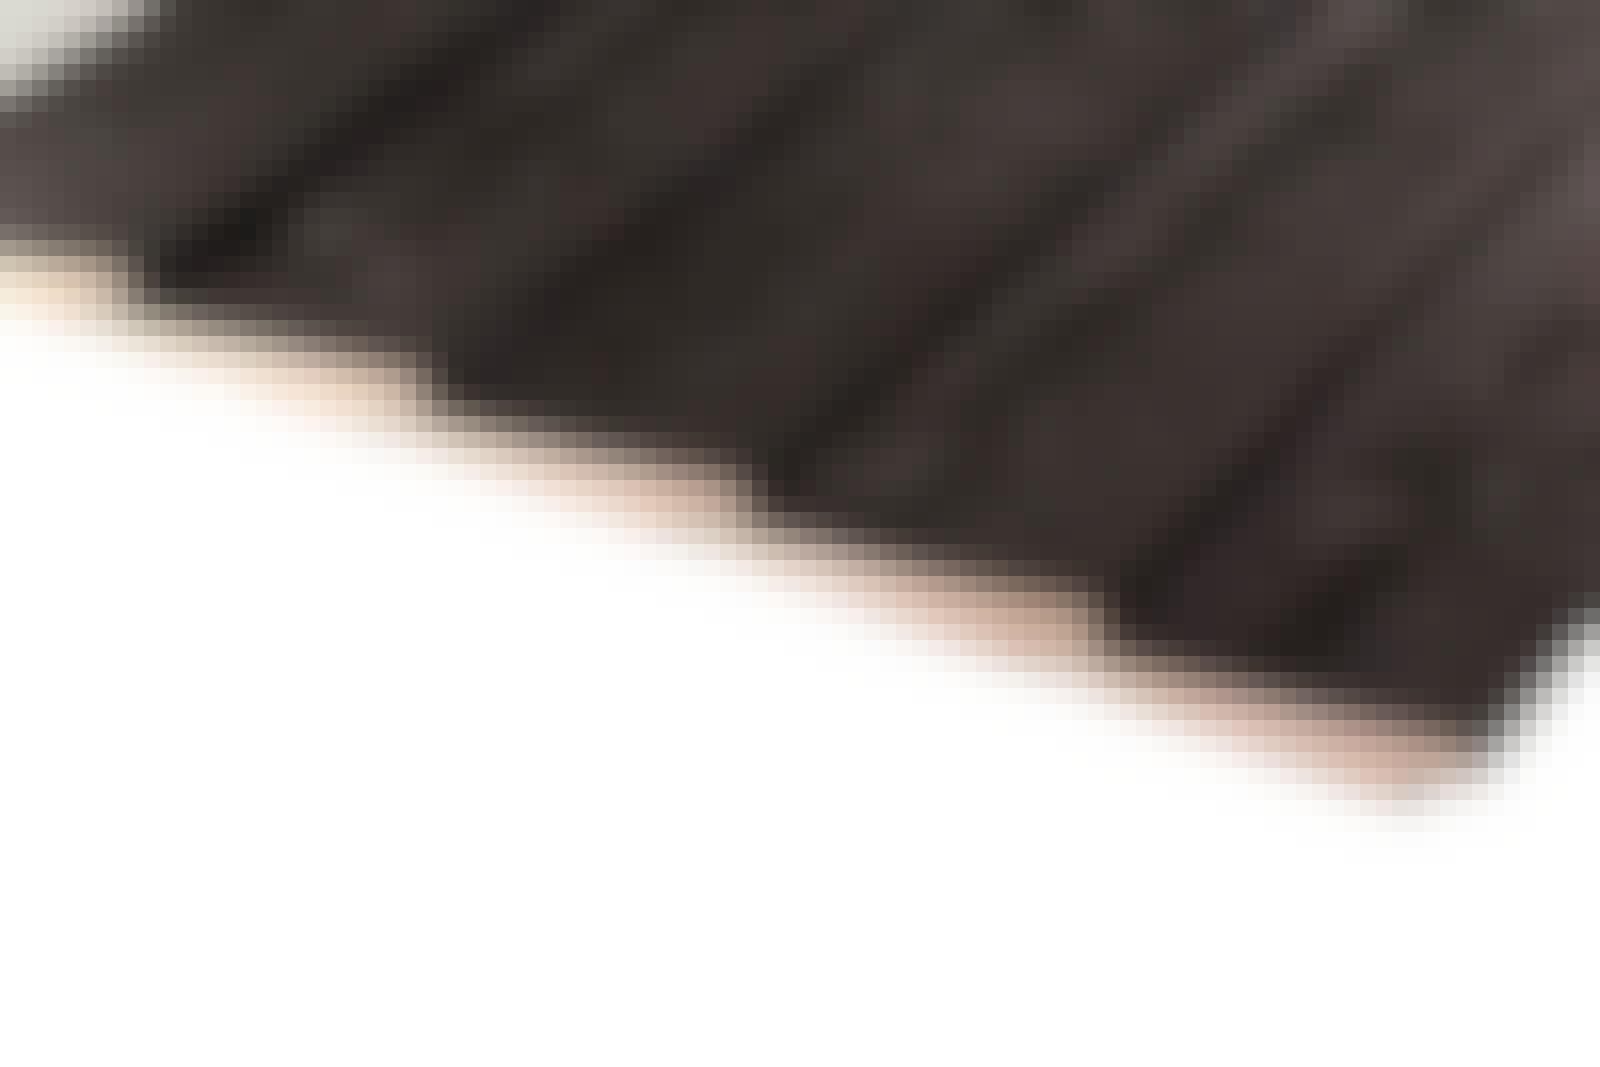 Beklædningsbrædder: Trykimprægnerede beklædningsbrædder